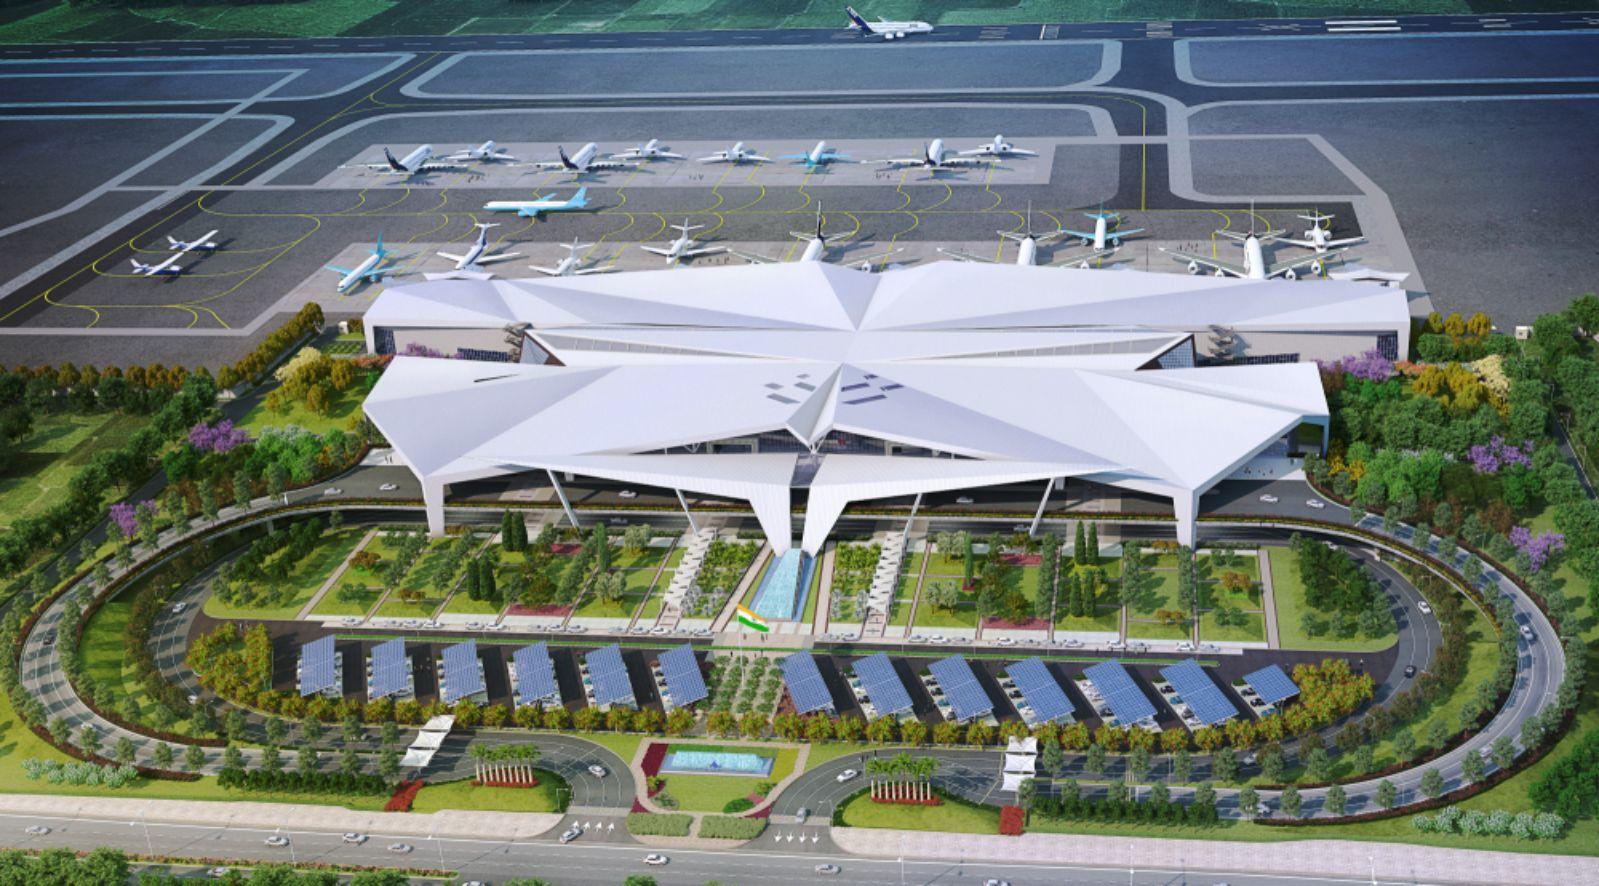 Guwahati International Airport